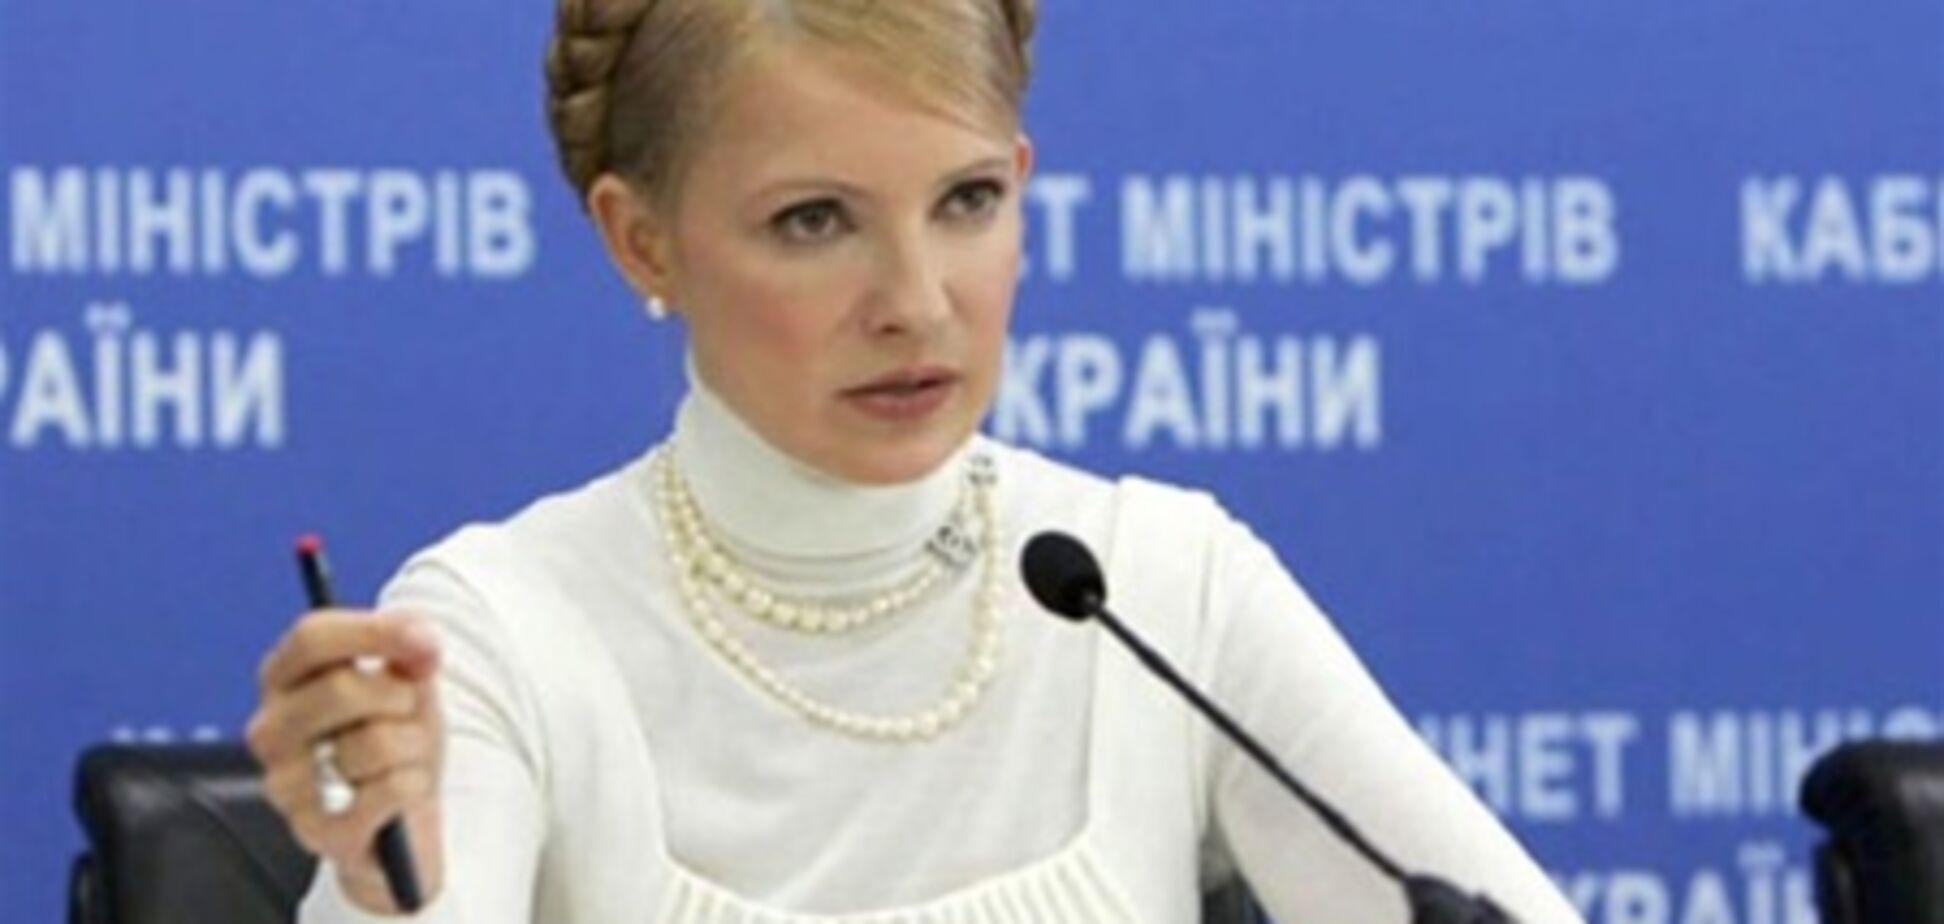 Тимошенко і психотехнології обробки людей. Ч.3